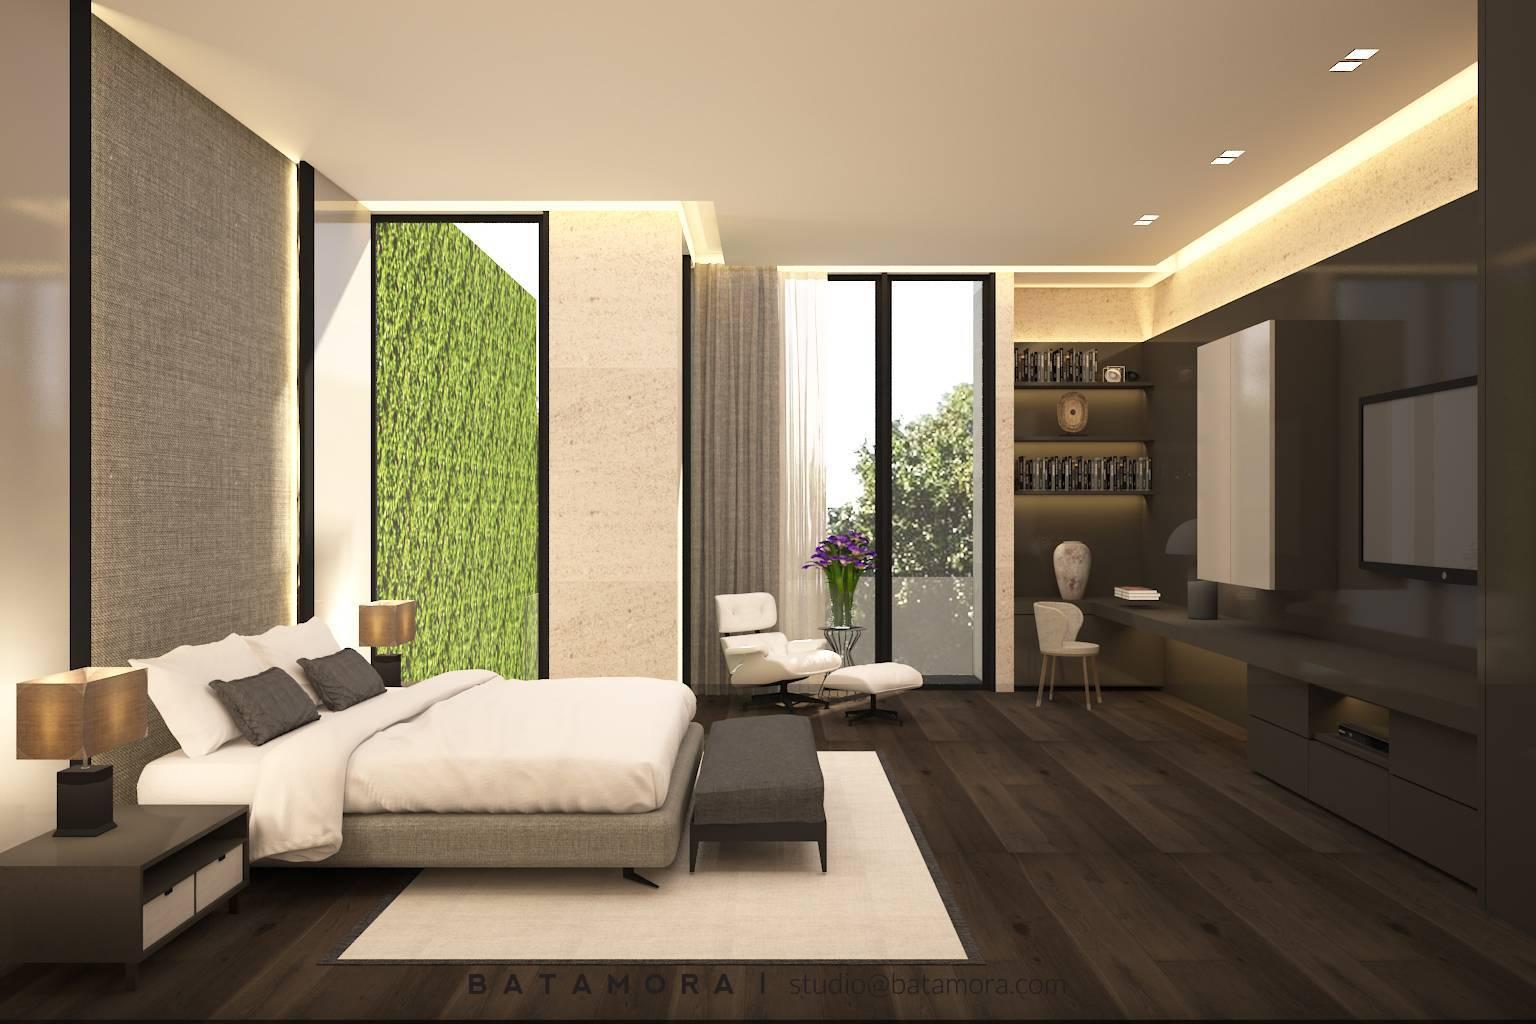 Batamora Orchard House At Kelapa Gading North Jakarta, Indonesia North Jakarta, Indonesia Master-Bedroom2-Al   2724